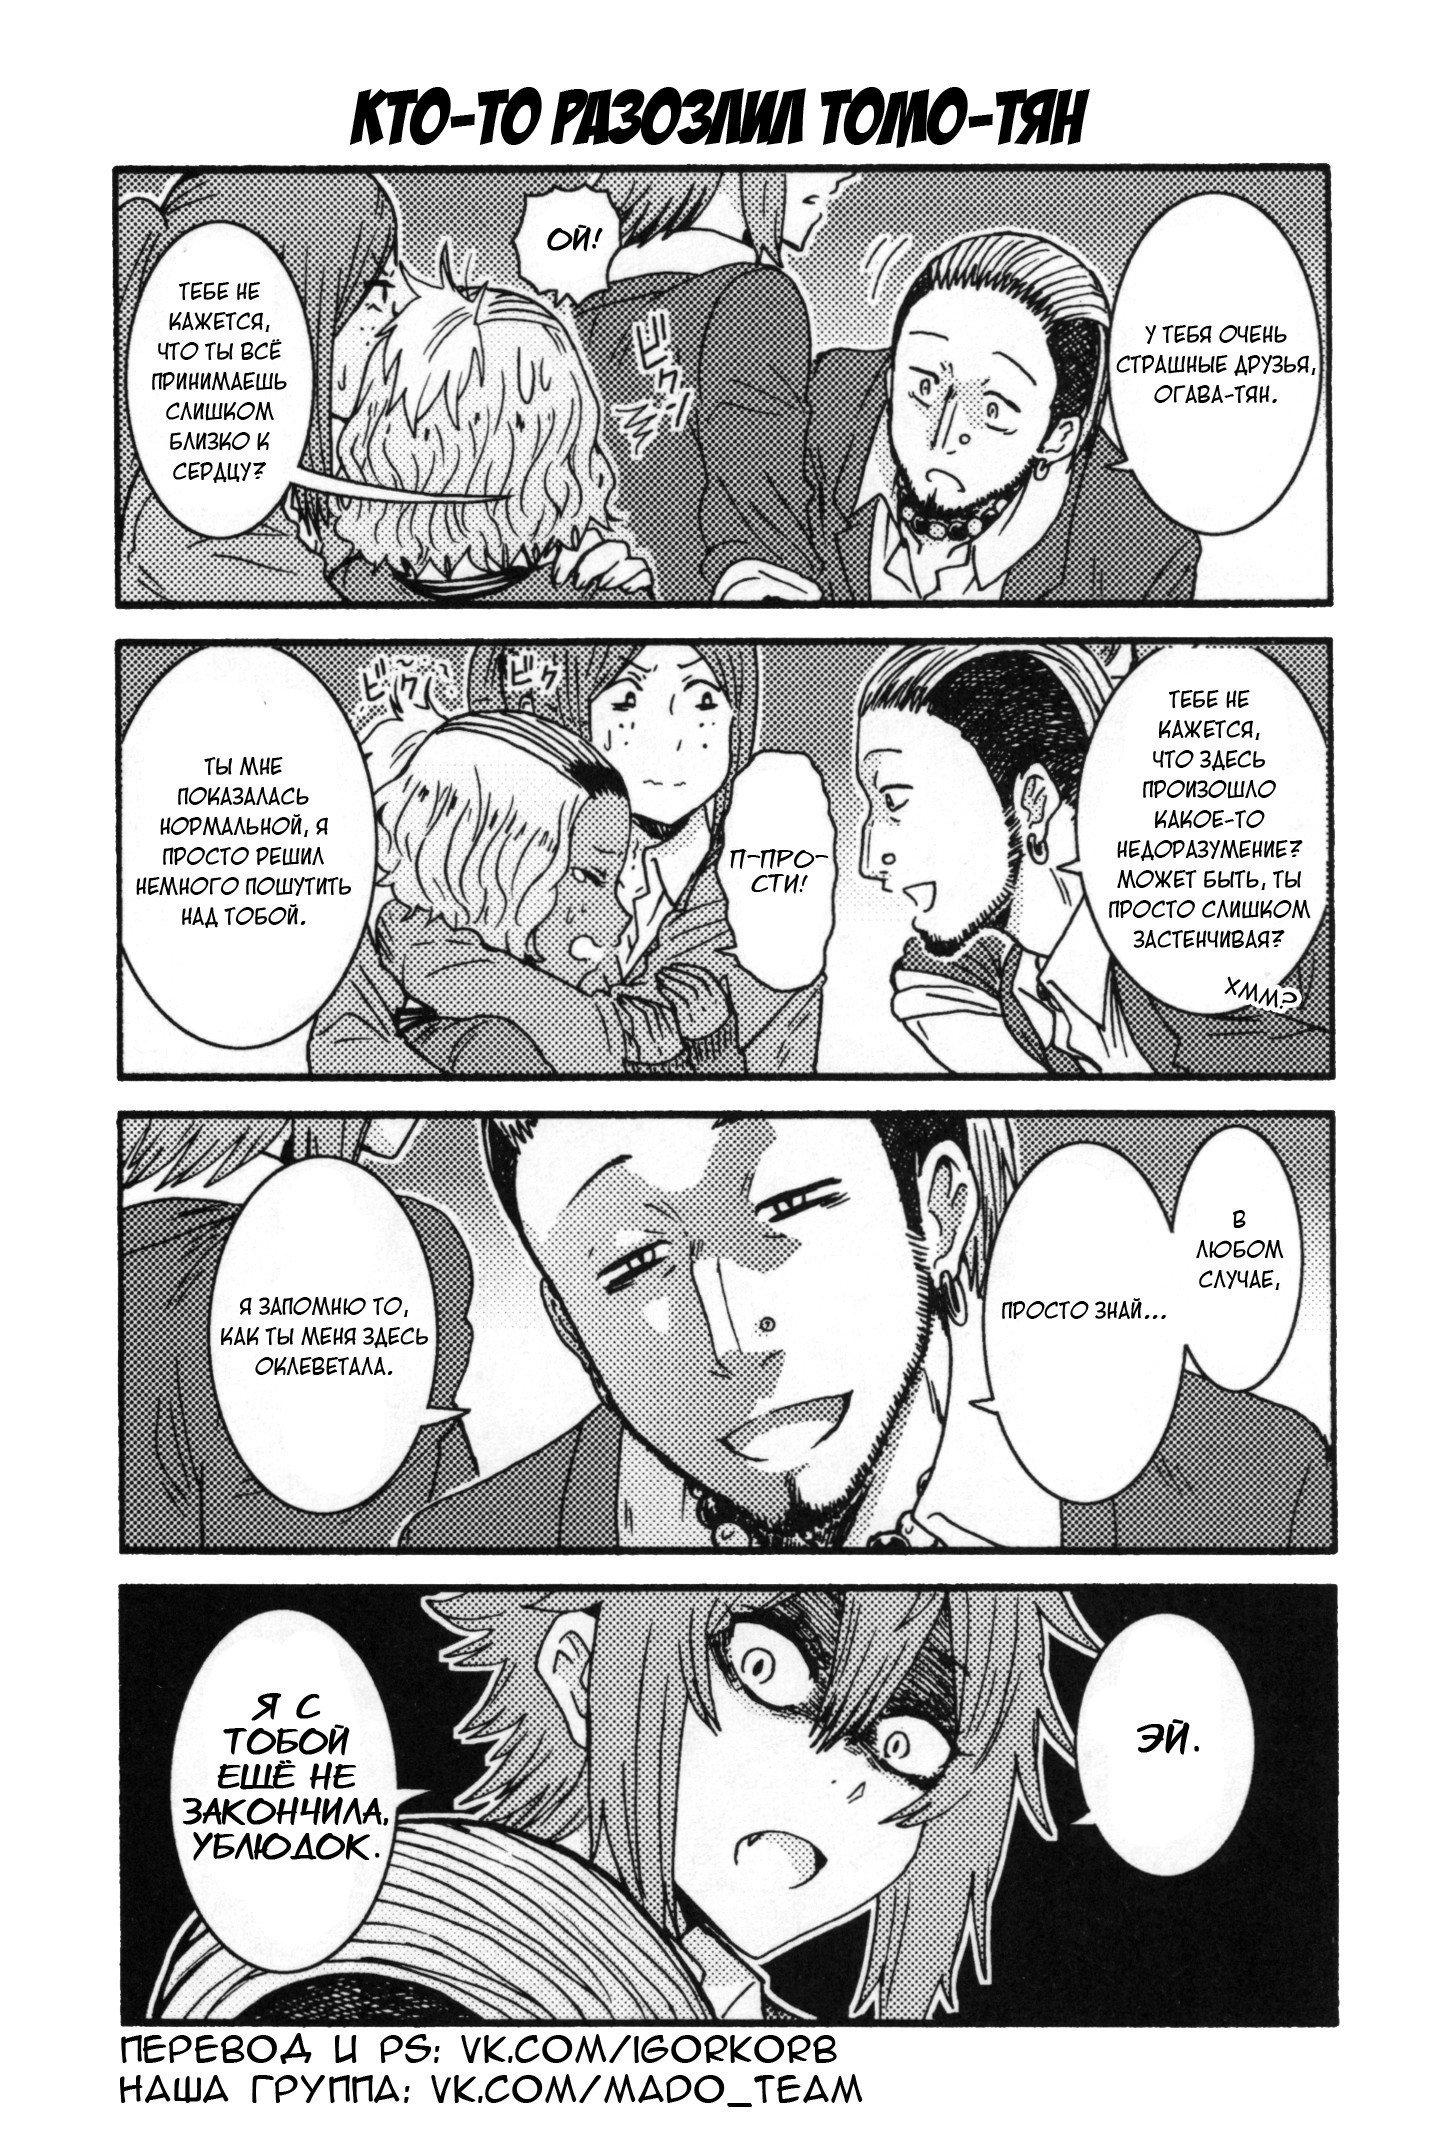 Манга Томо-тян – девушка! - Глава 231 Страница 1